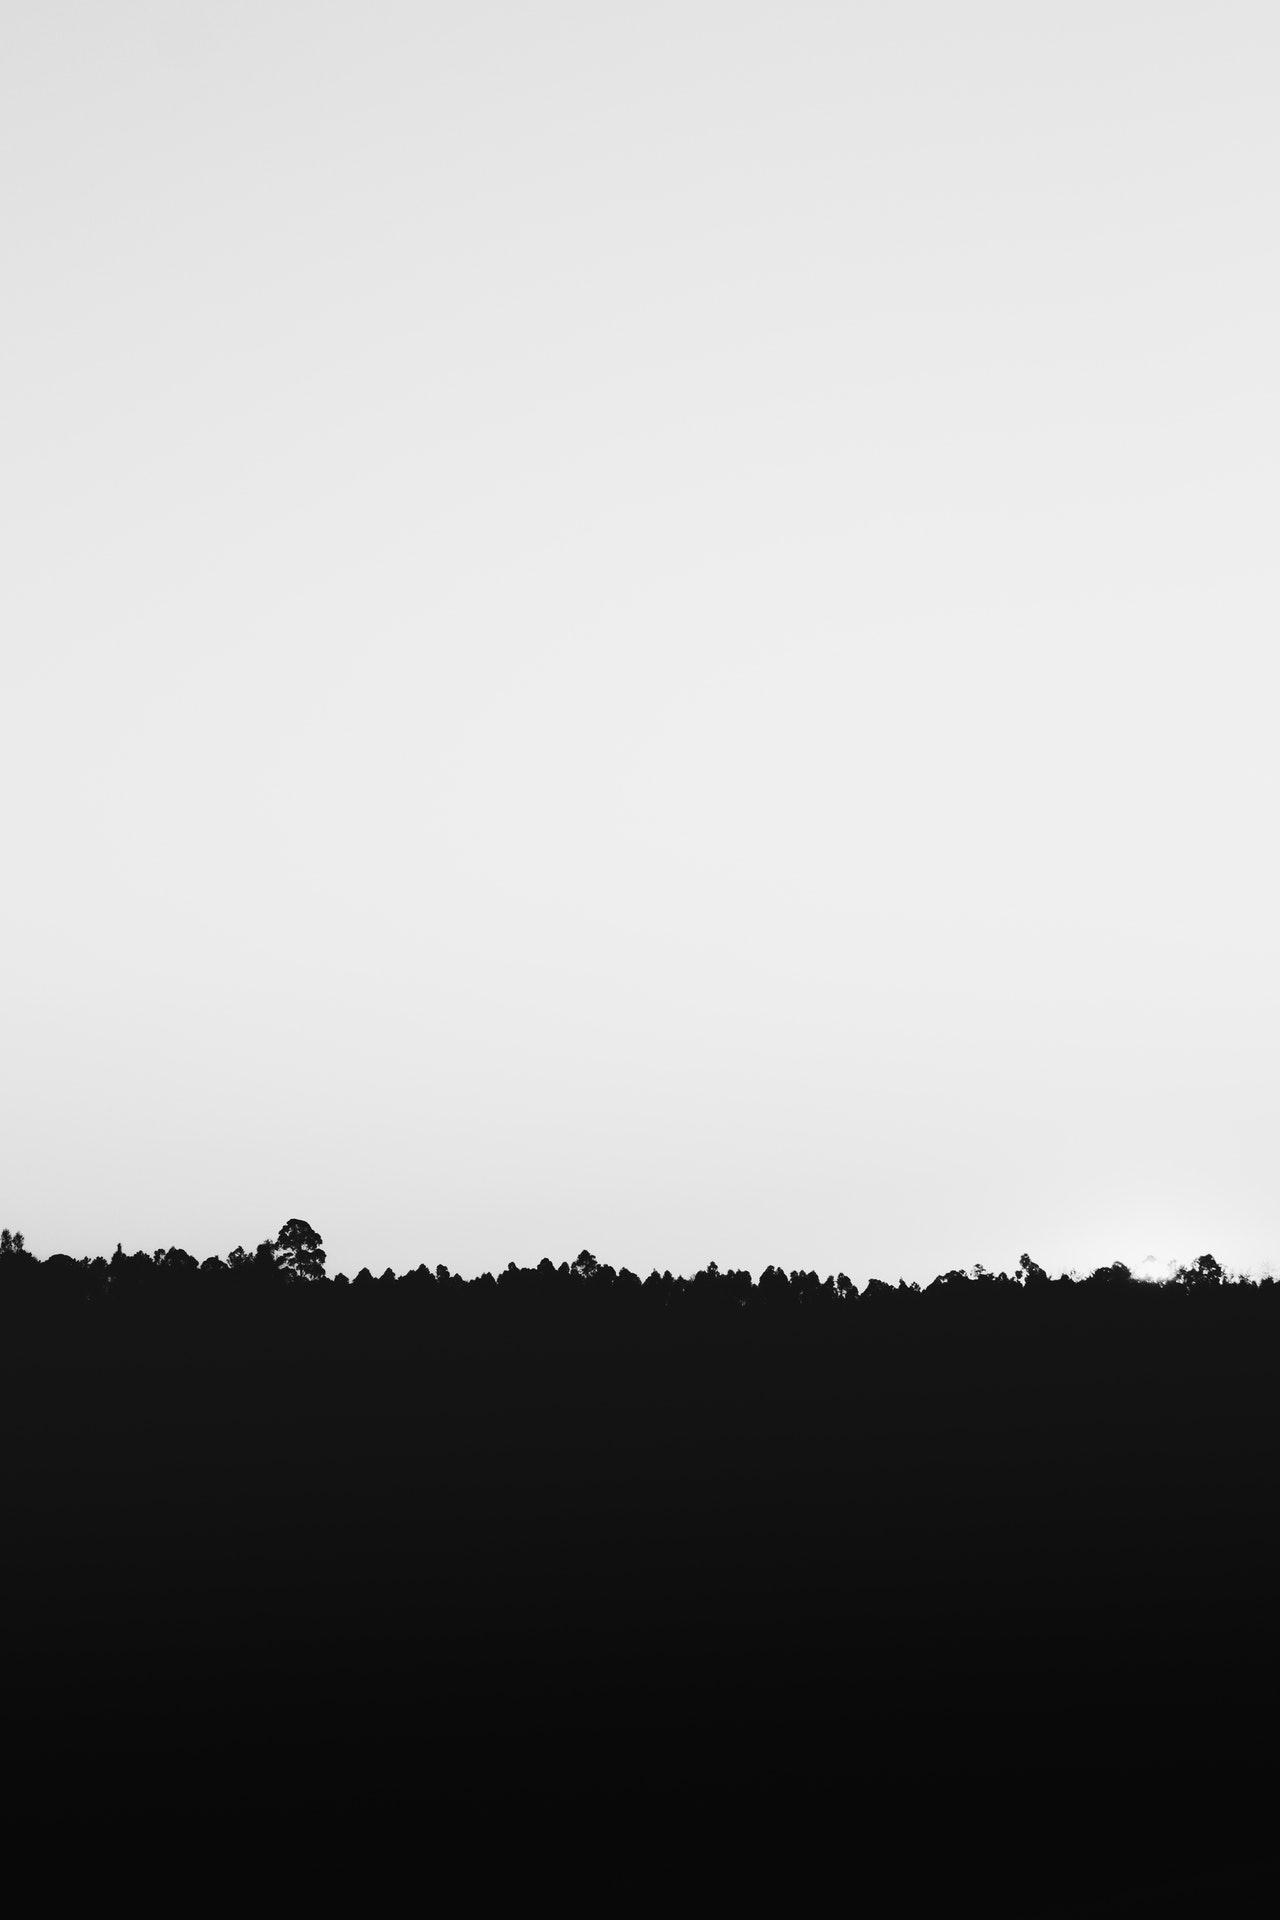 图说|黑白飘渺